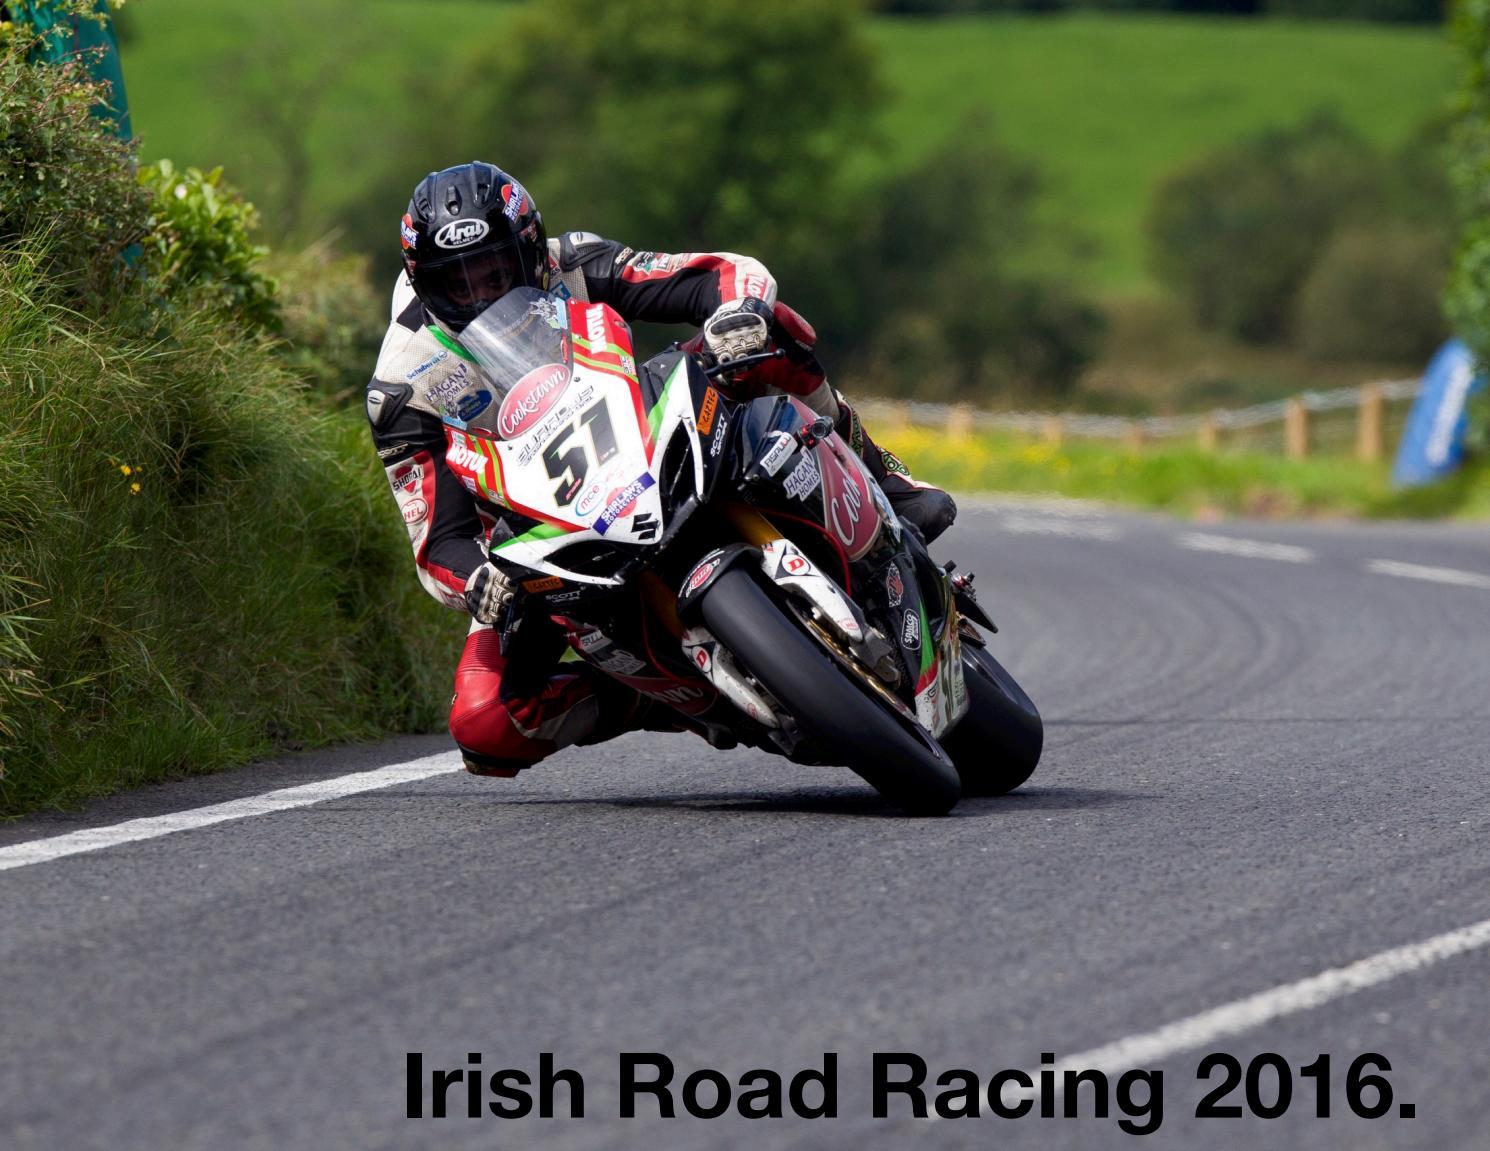 Irish road racing 2016 by Derek Wilson - Issuu